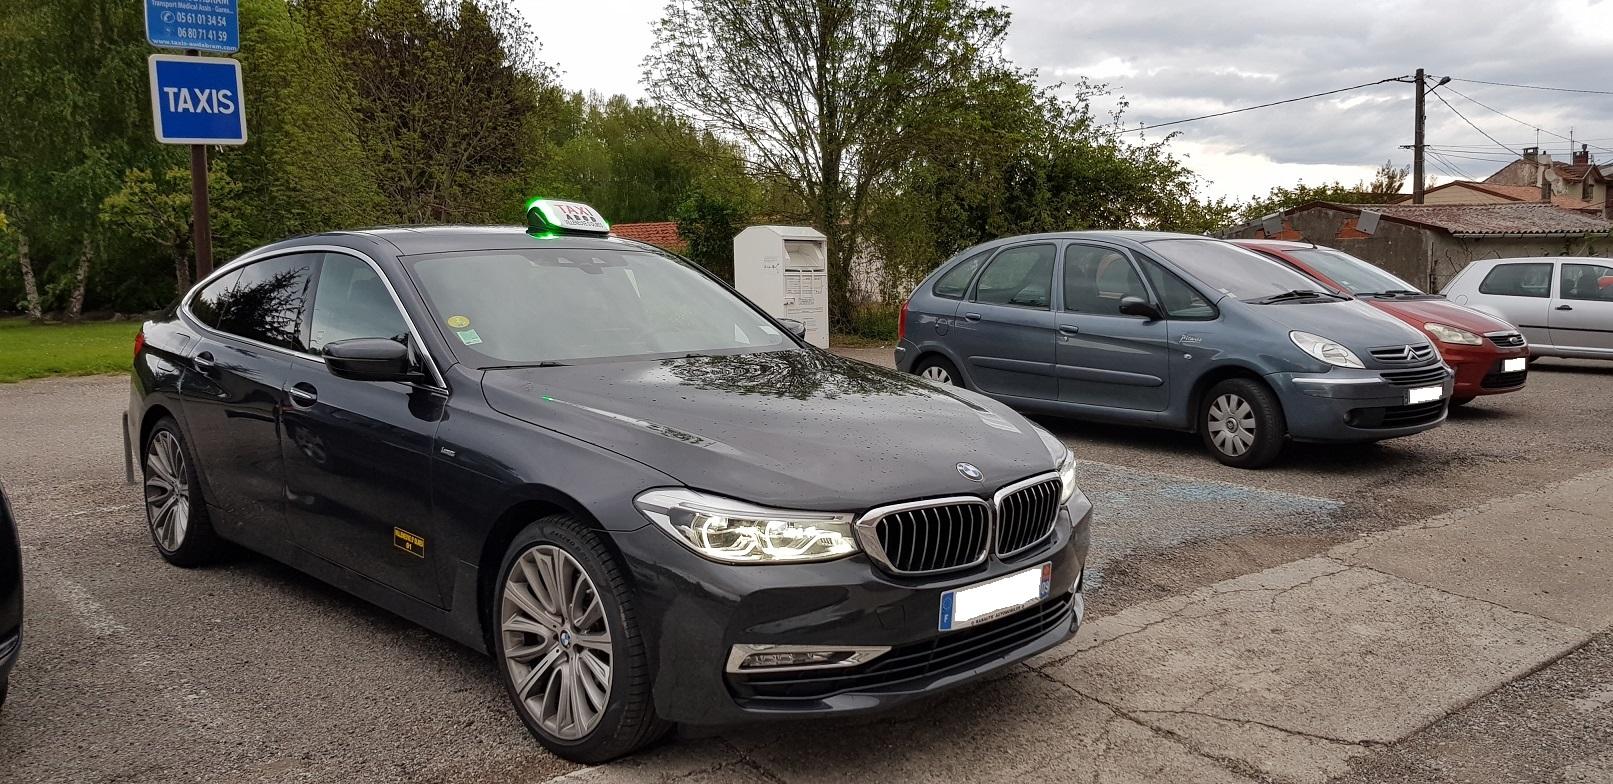 BMW série 6 GT X-Drive luxury (le mélange d'une routière XXL, d'un SUV & d'un coupé tout option)